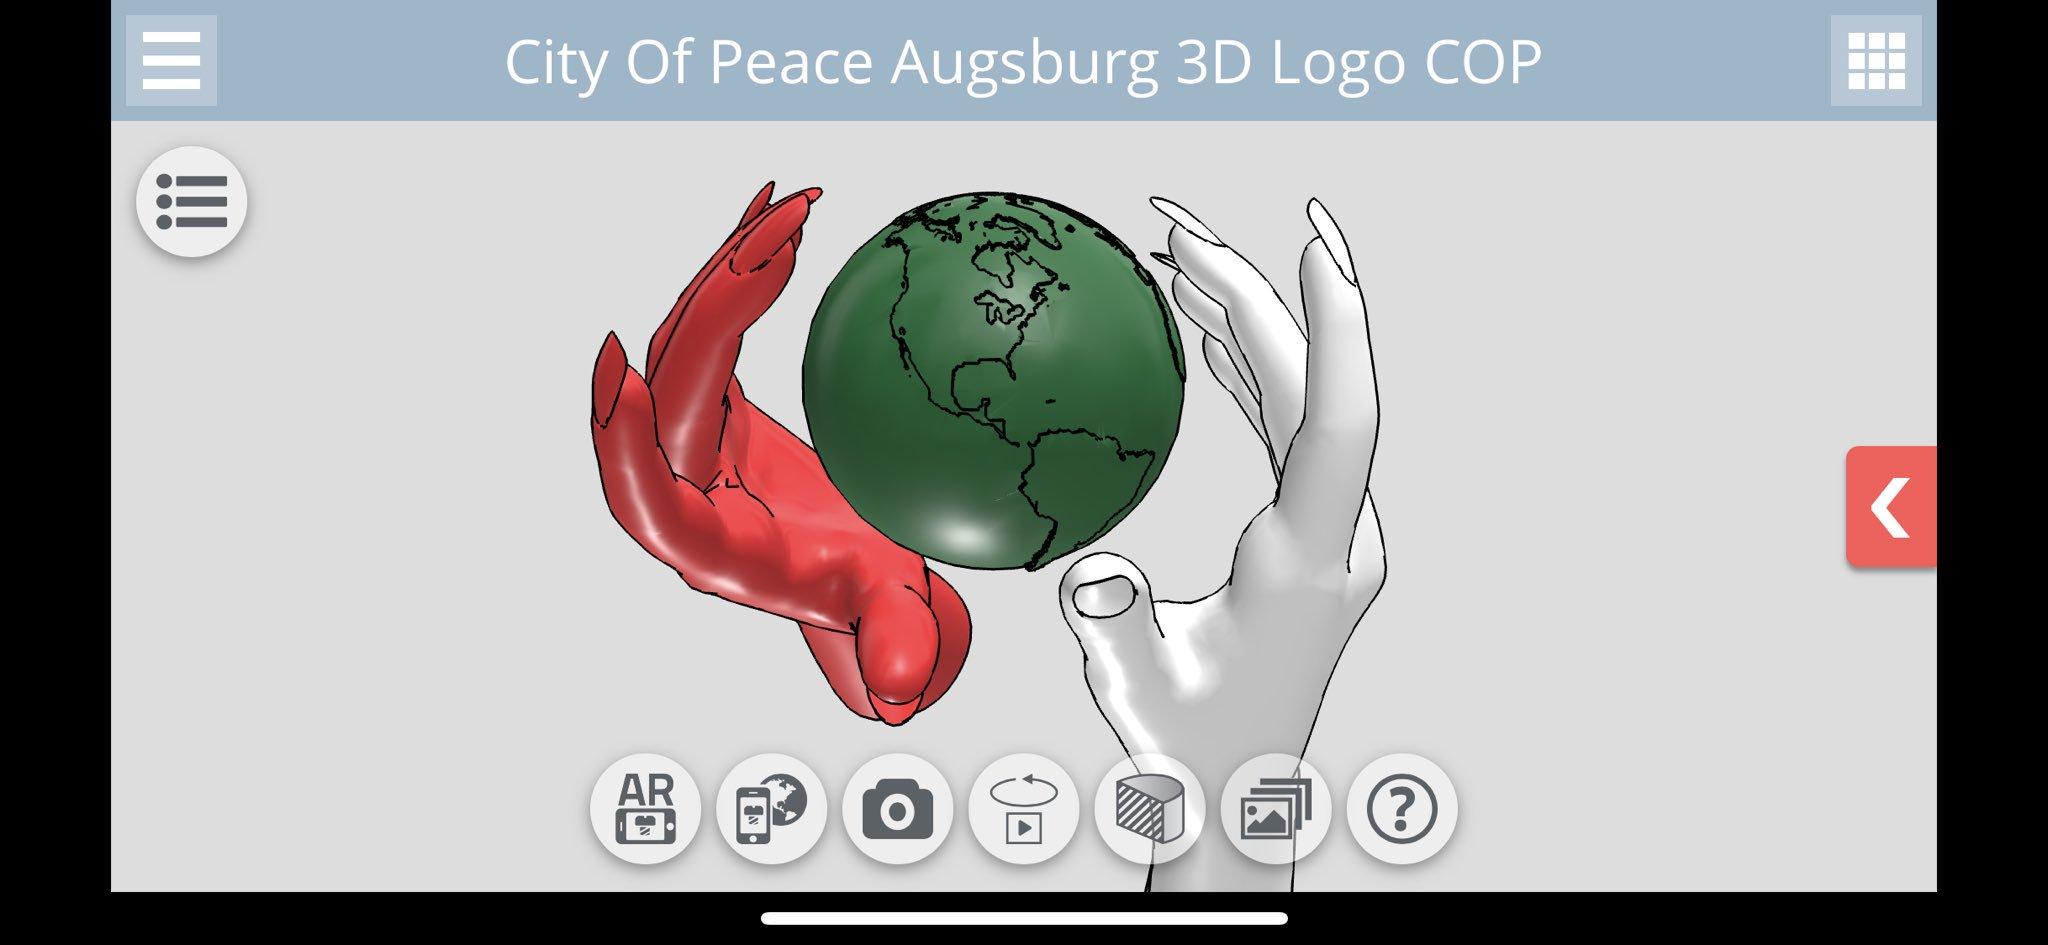 und denkt immer daran gegen Rechte Nationalisten #friedlich zu demonstrieren ist absolut willkommen - #Aux3006 #Aux0107 soll allerdings in der #Friedensstadt #Augsburg eine friedliche Veranstaltung bleiben - Allen Teilnehmern wünsche ich einen gewaltfreien Tag  #CityOfPeace #COP https://t.co/01WcHqc3Vx